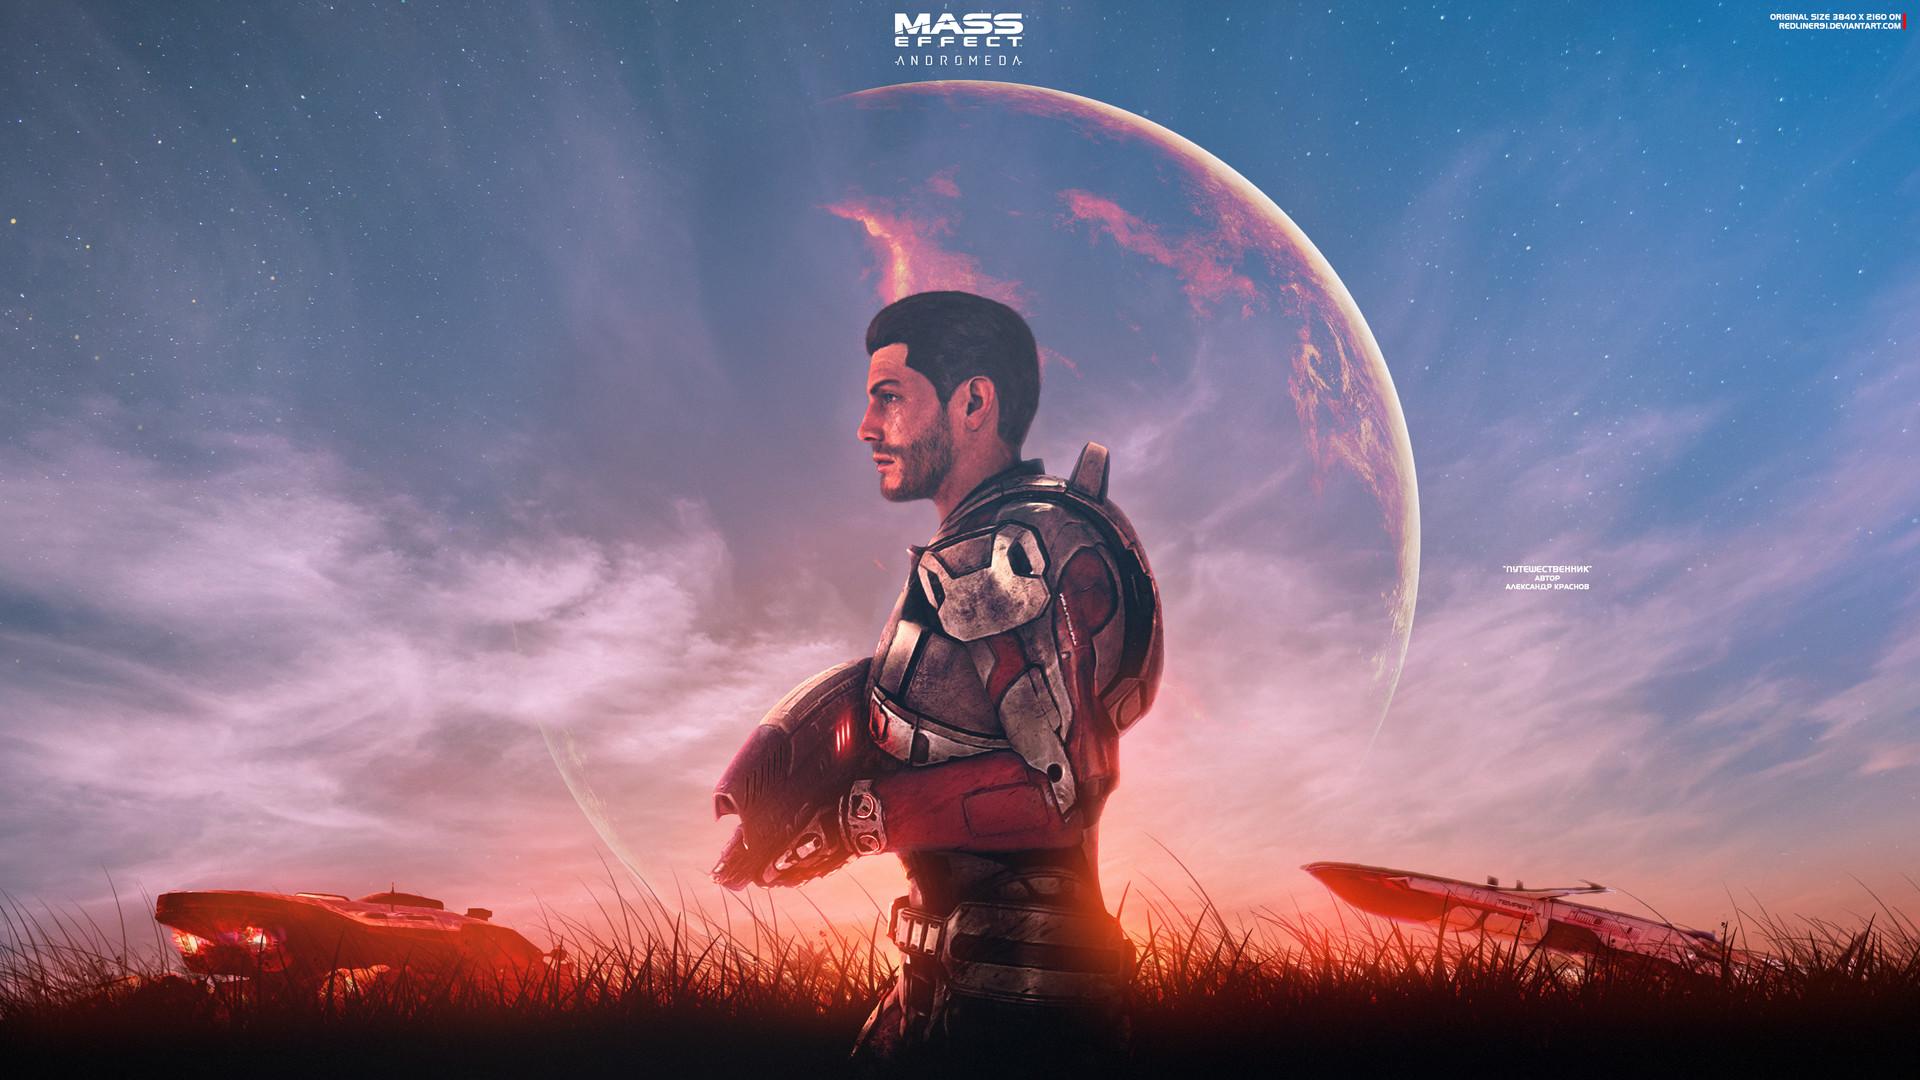 Artstation Traveler Mass Effect Andromeda 4k Alexander Manakhov